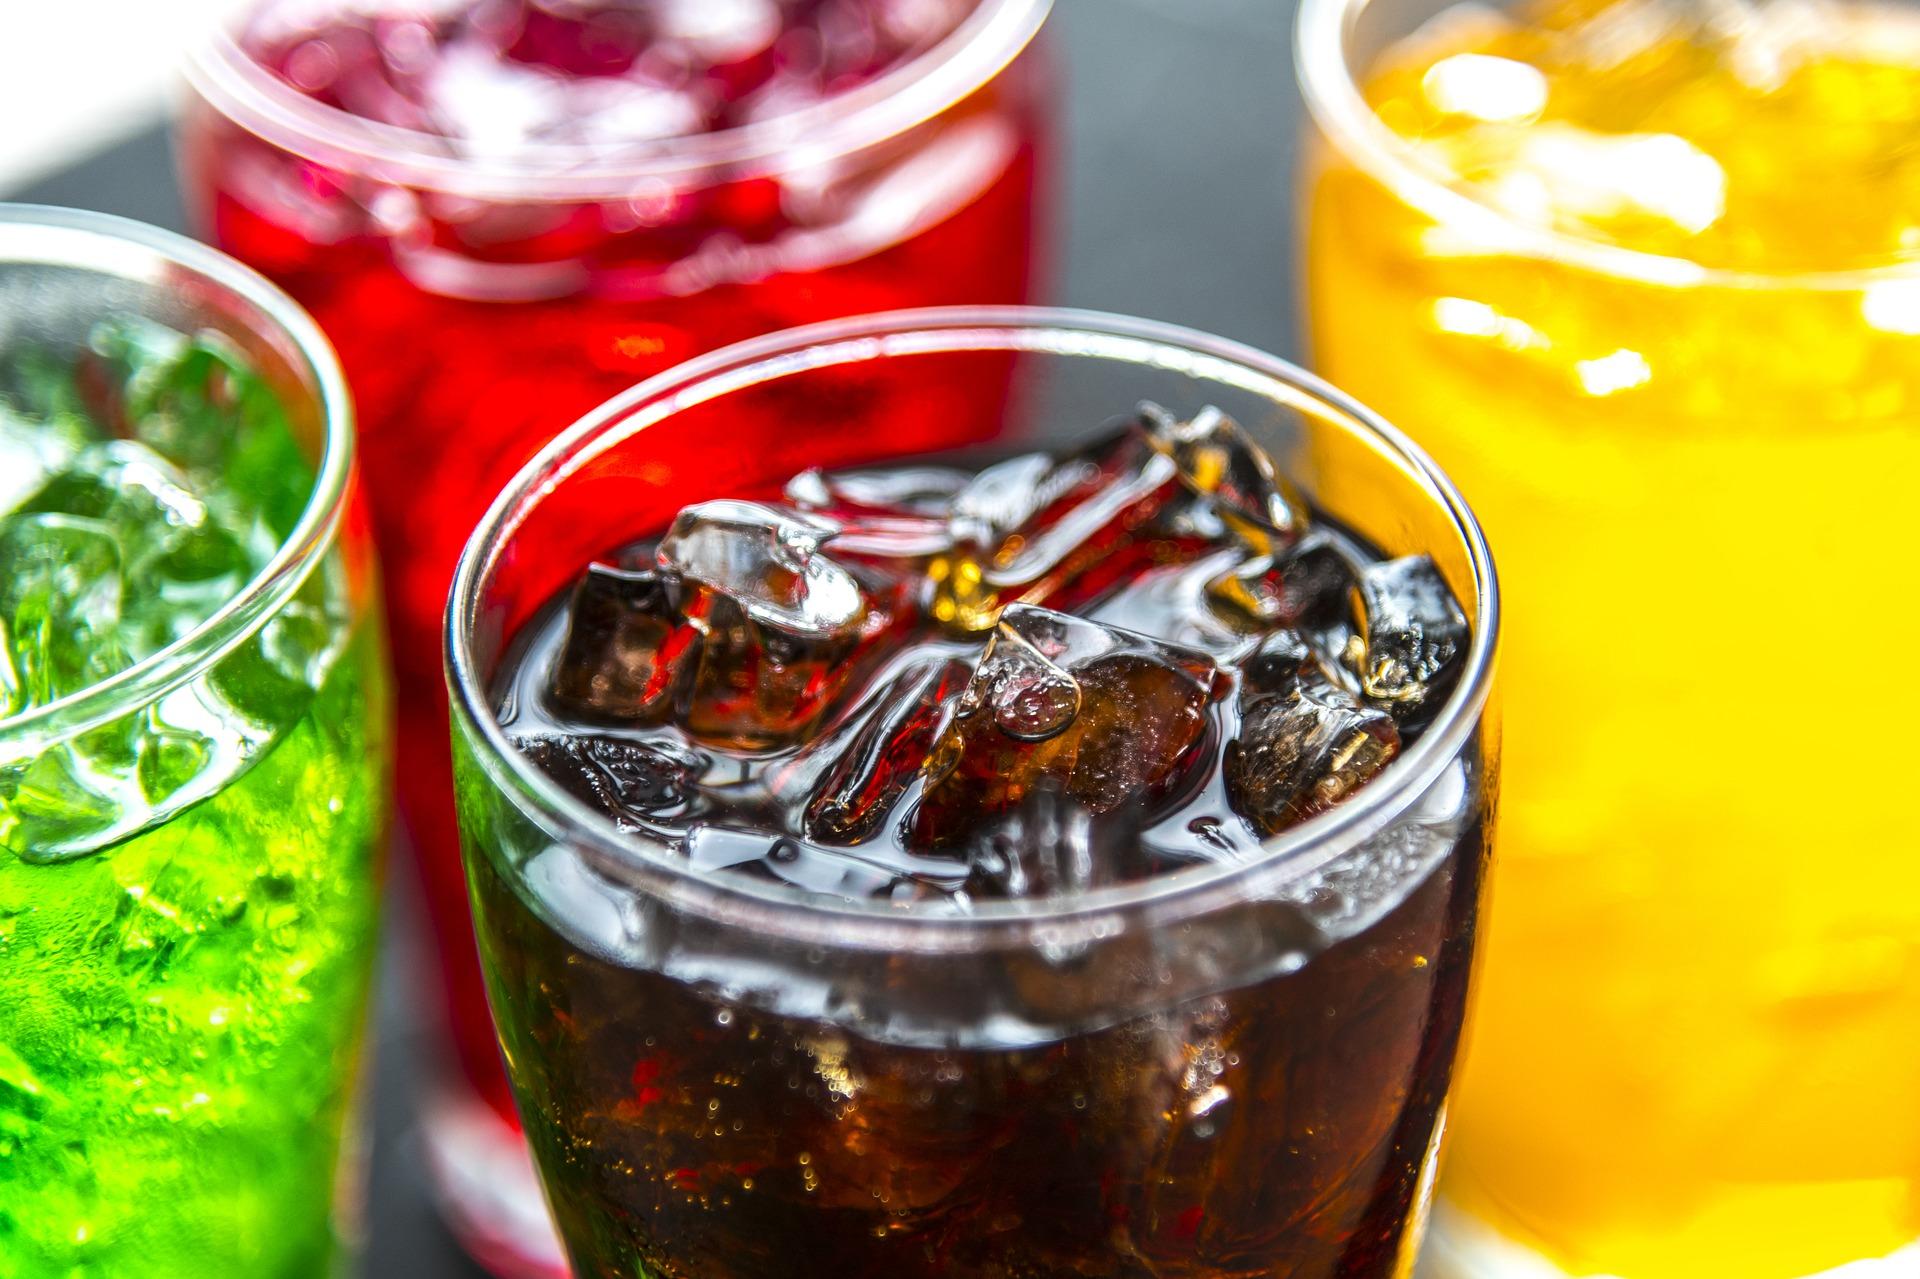 beverage-3548084_1920.jpg